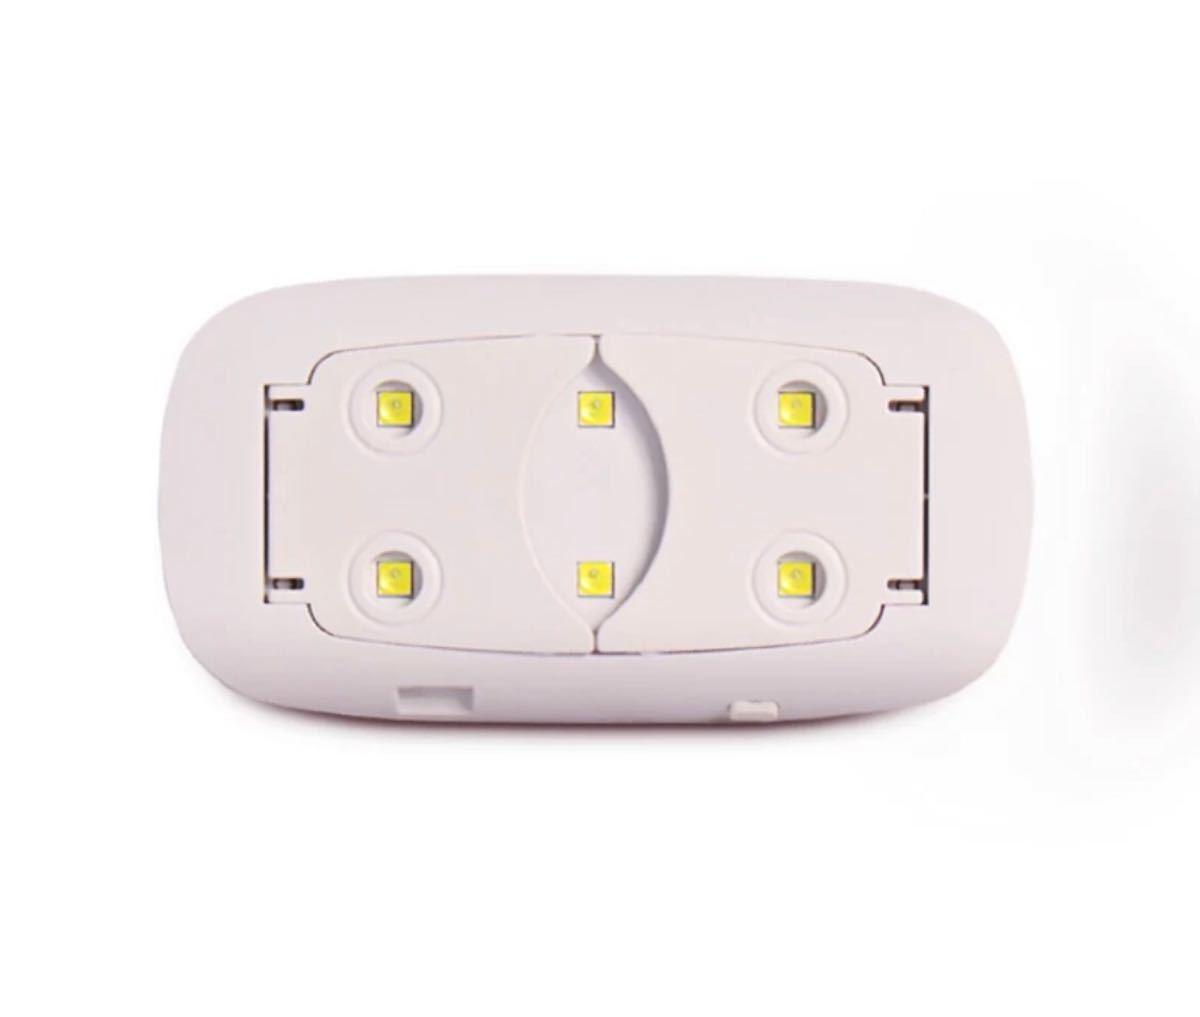 ジェルネイルライト 新品未使用 ピンク UVライト   LEDライト ネイル